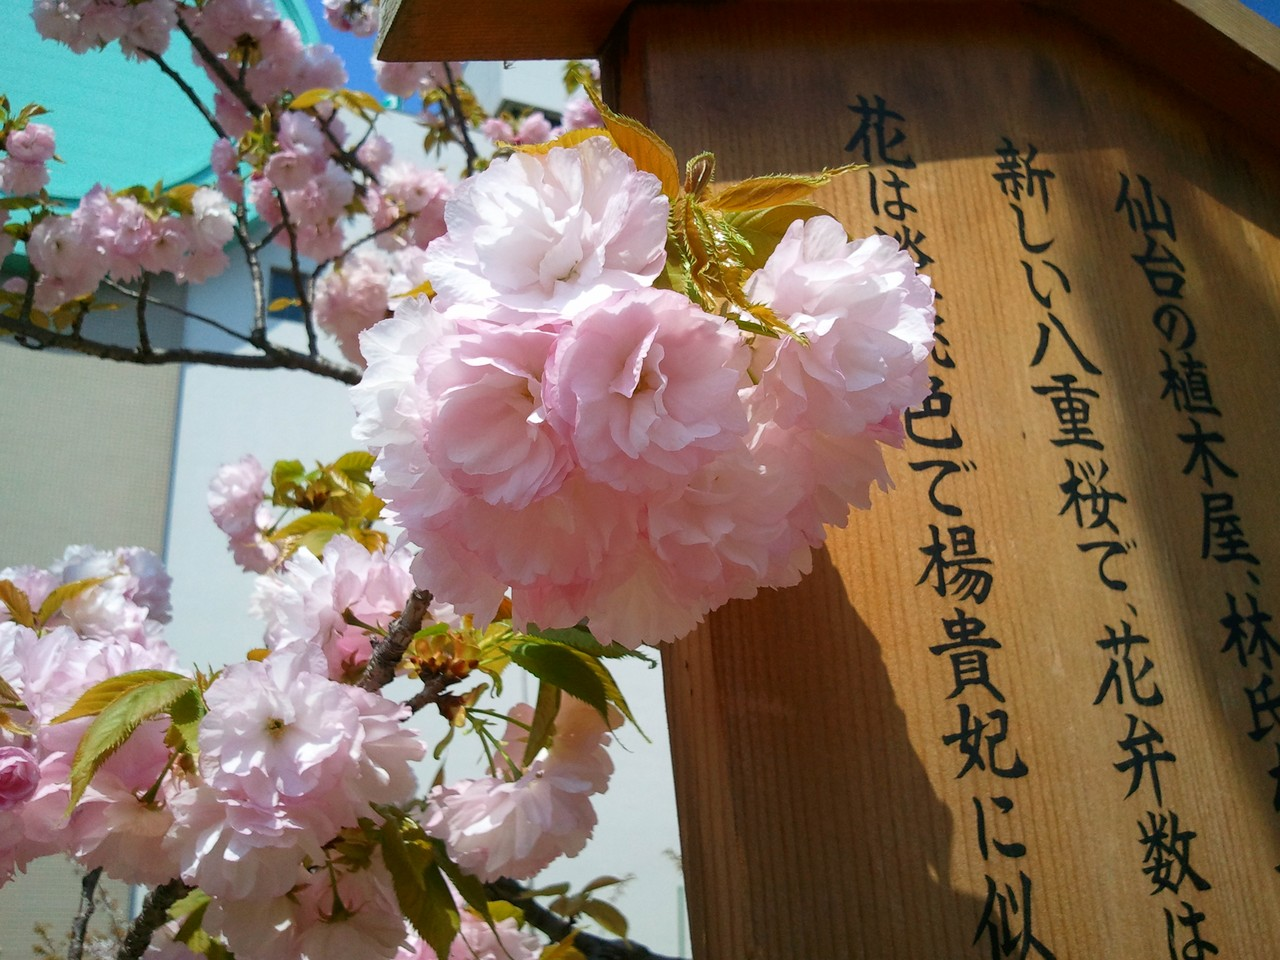 造幣局櫻花-八重櫻